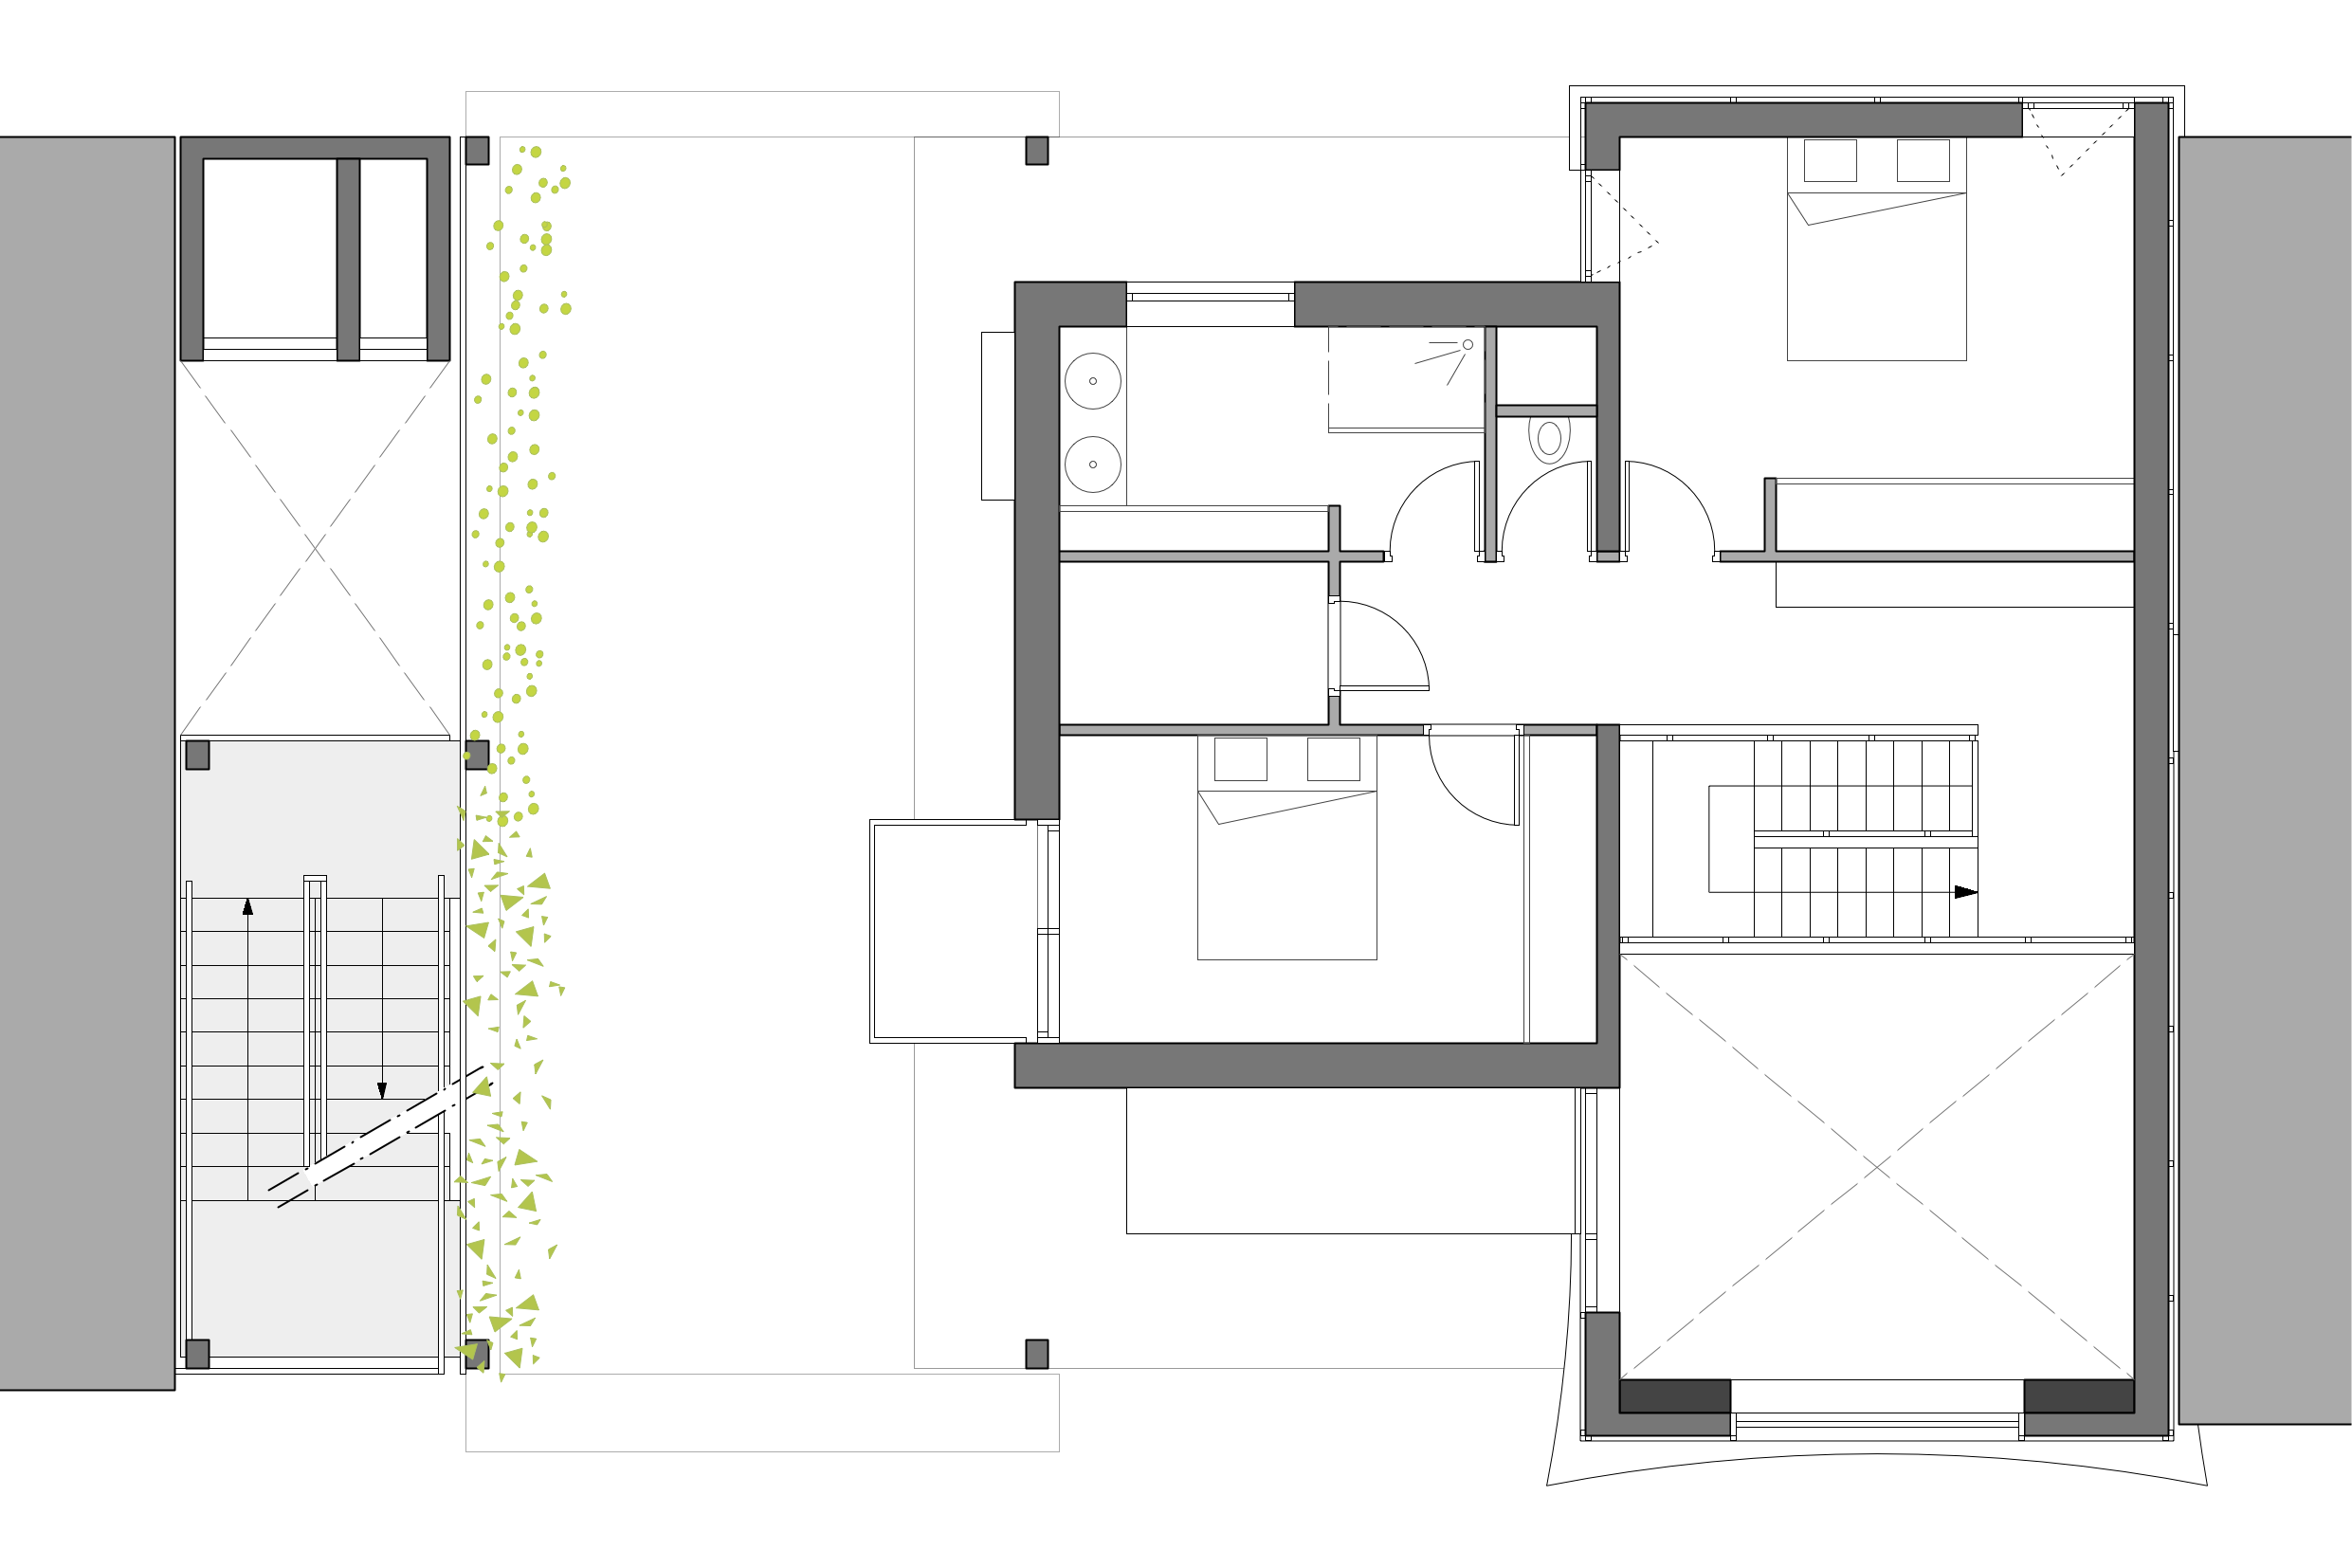 christophe-benichou-architectures-impasse-ciel-lotissement-vertical-18